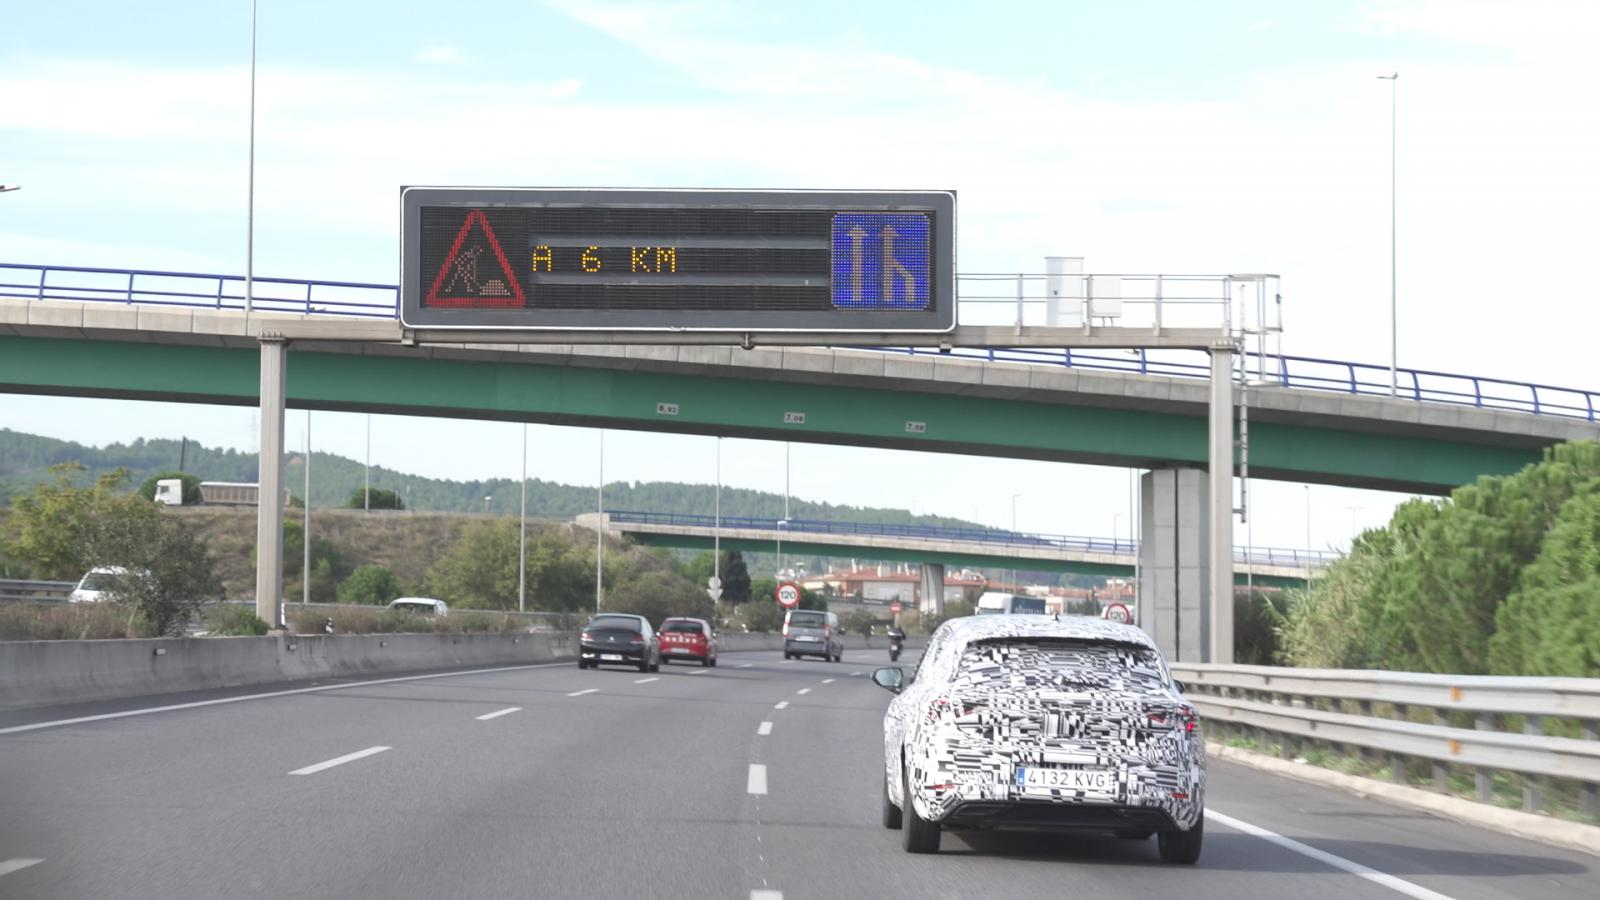 El auto de SEAT que platica con los semáforos